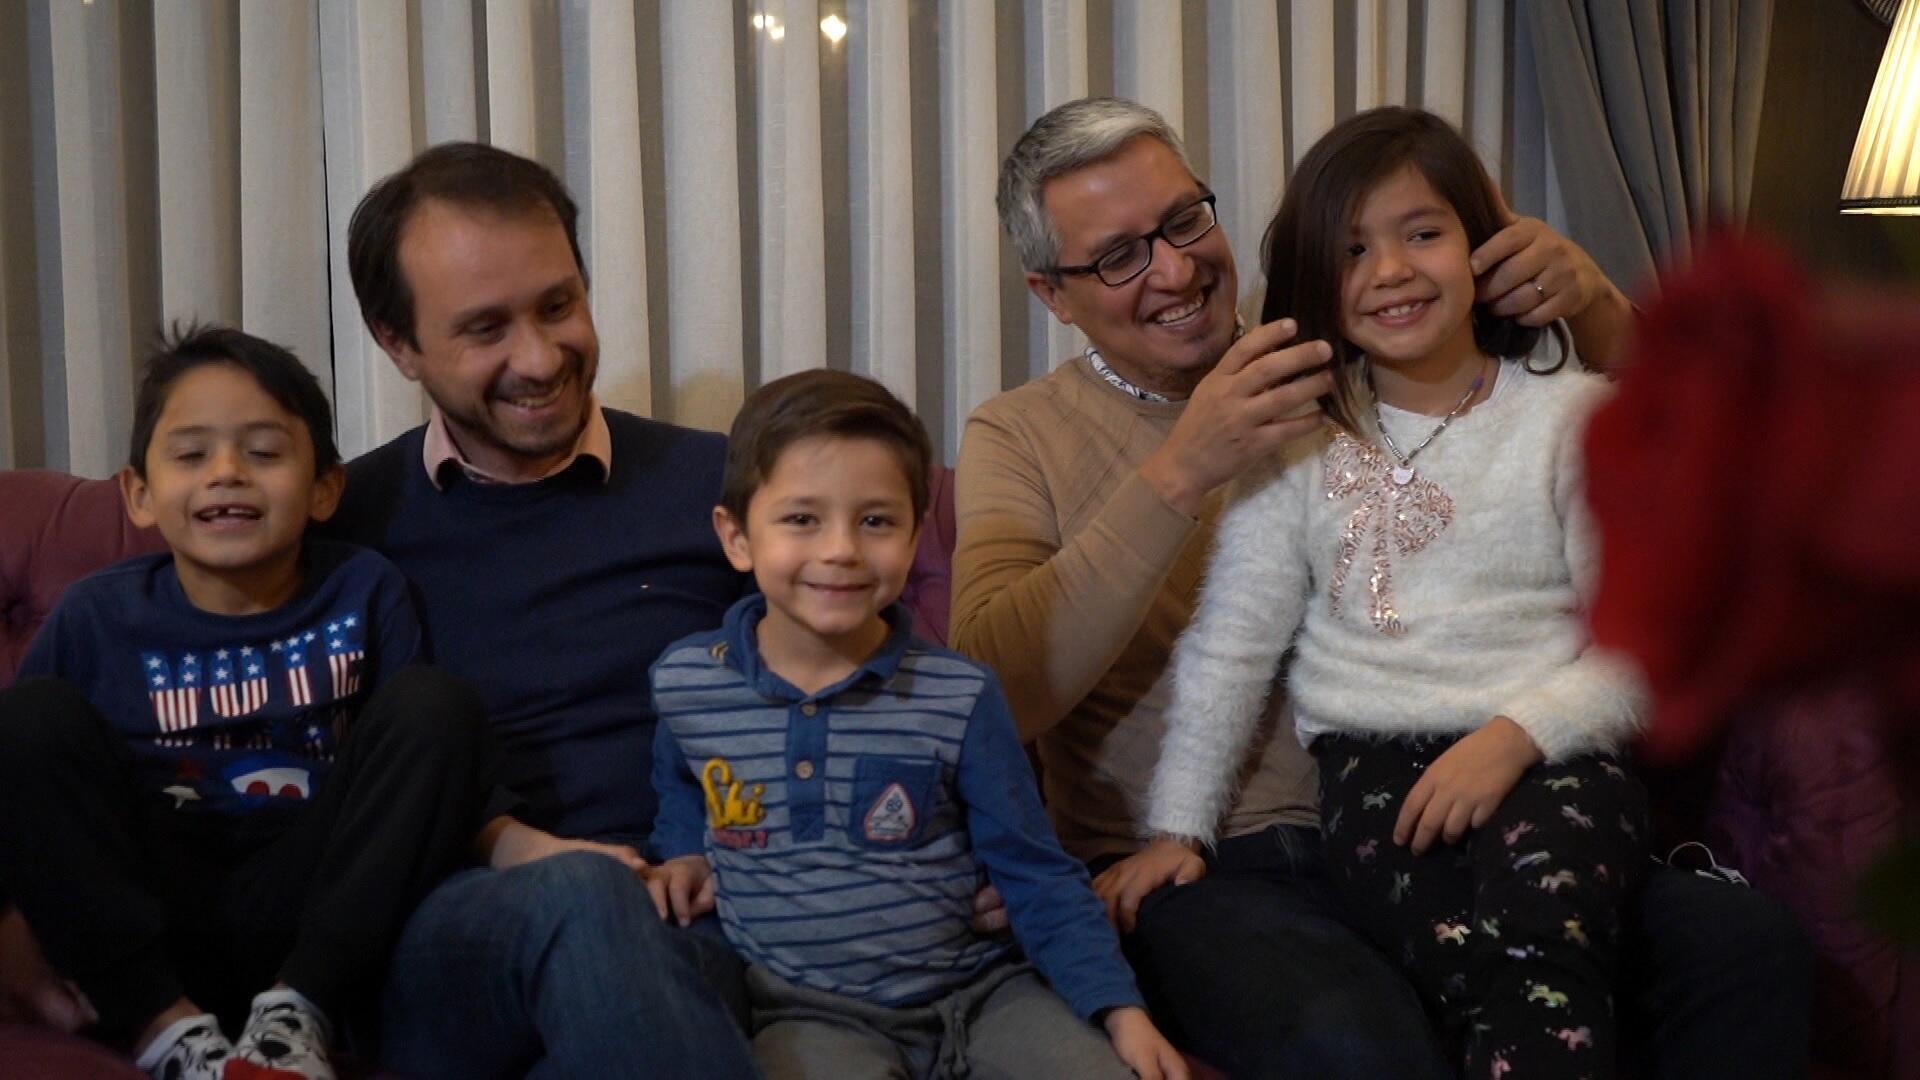 Ellas Hoy - matrimonio igualitario y adopción homoparental Chile